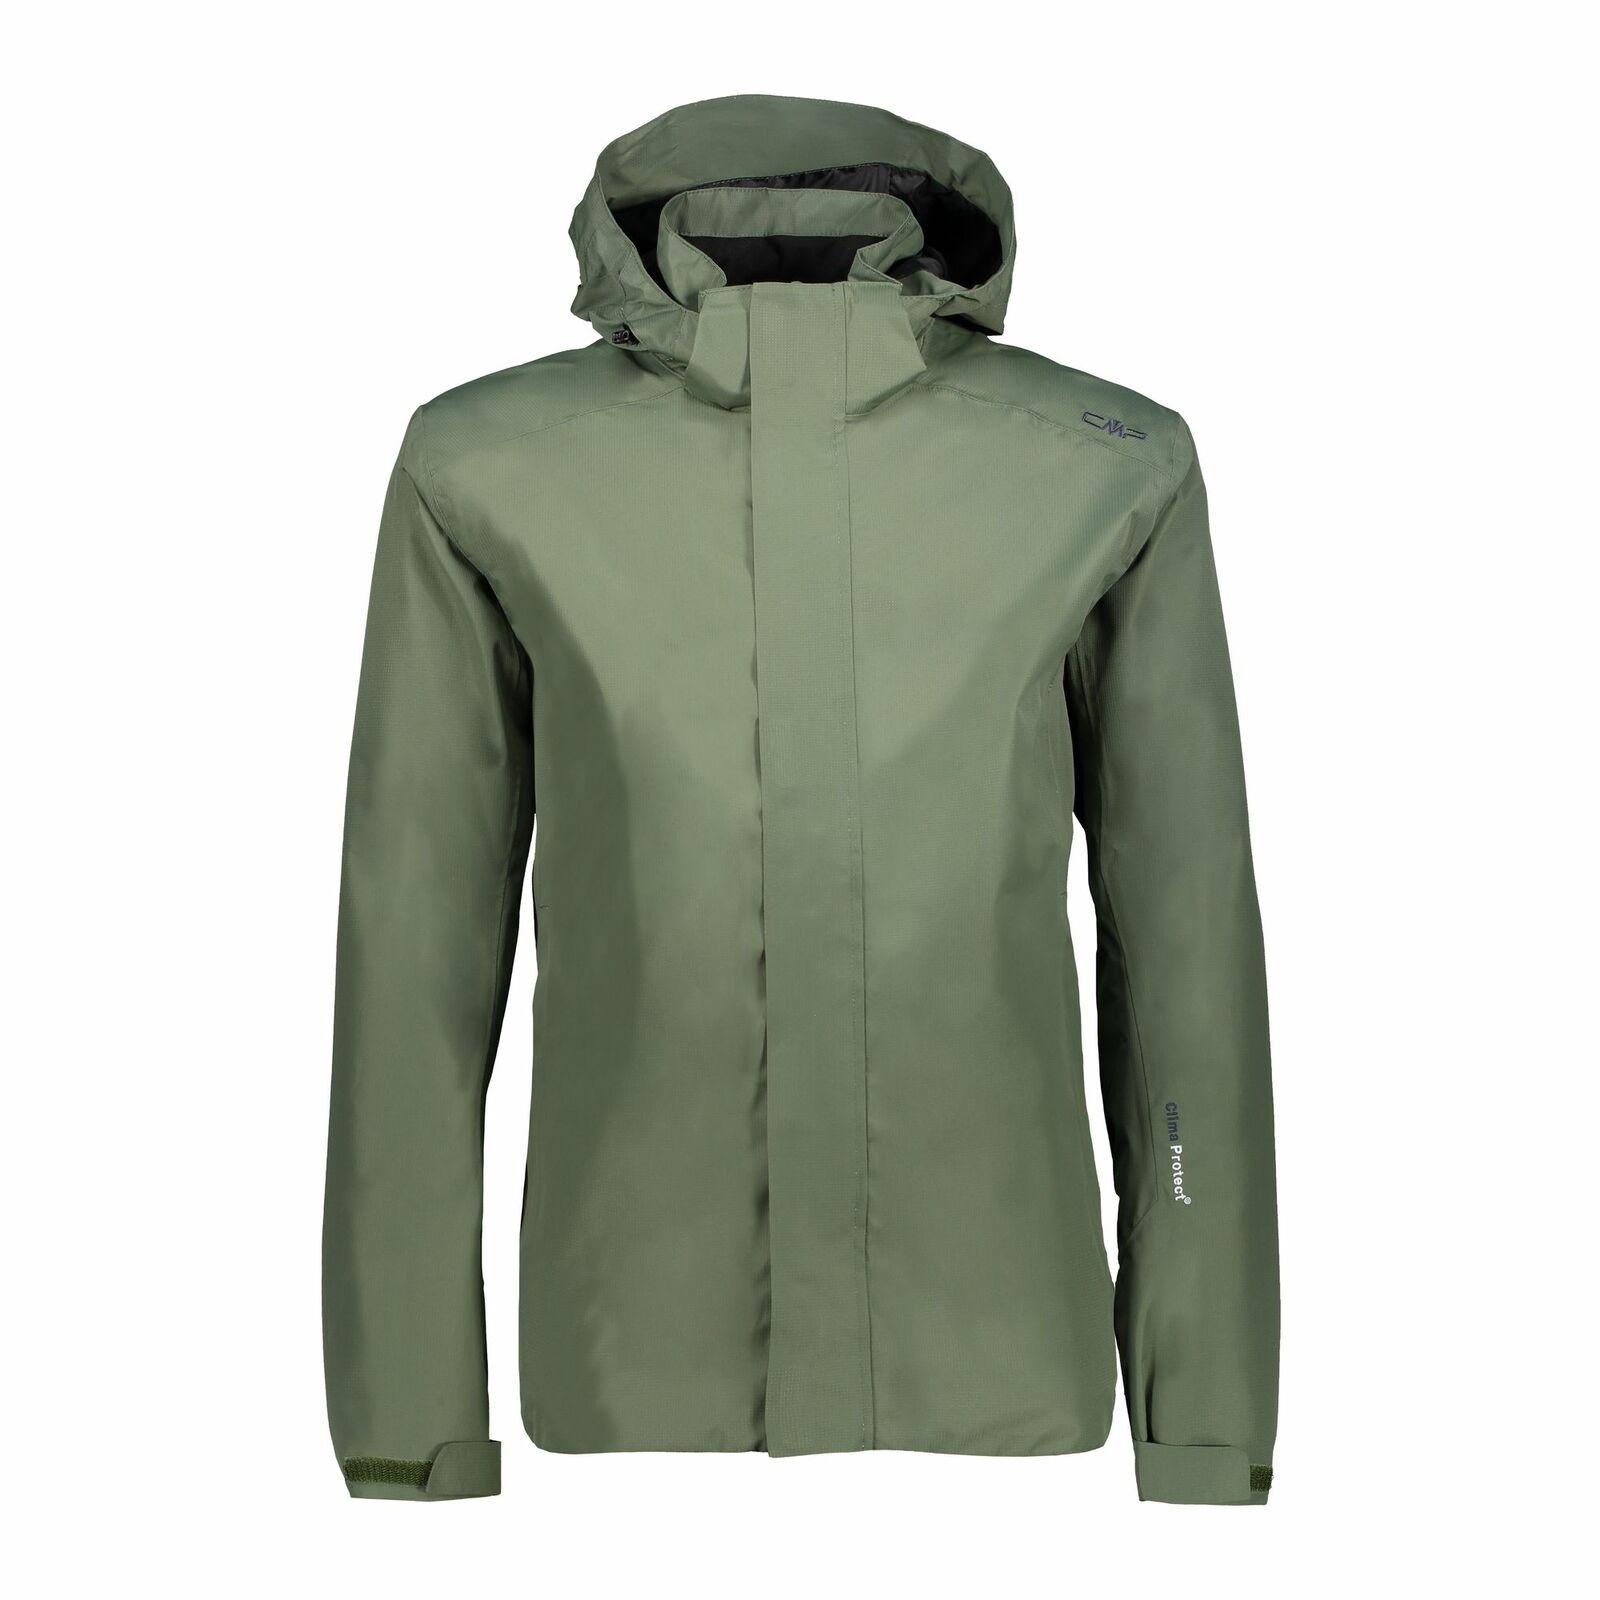 CMP Outdoorjacke Jacke Man Zip Hood jacke grün wasserdicht atmungsaktiv